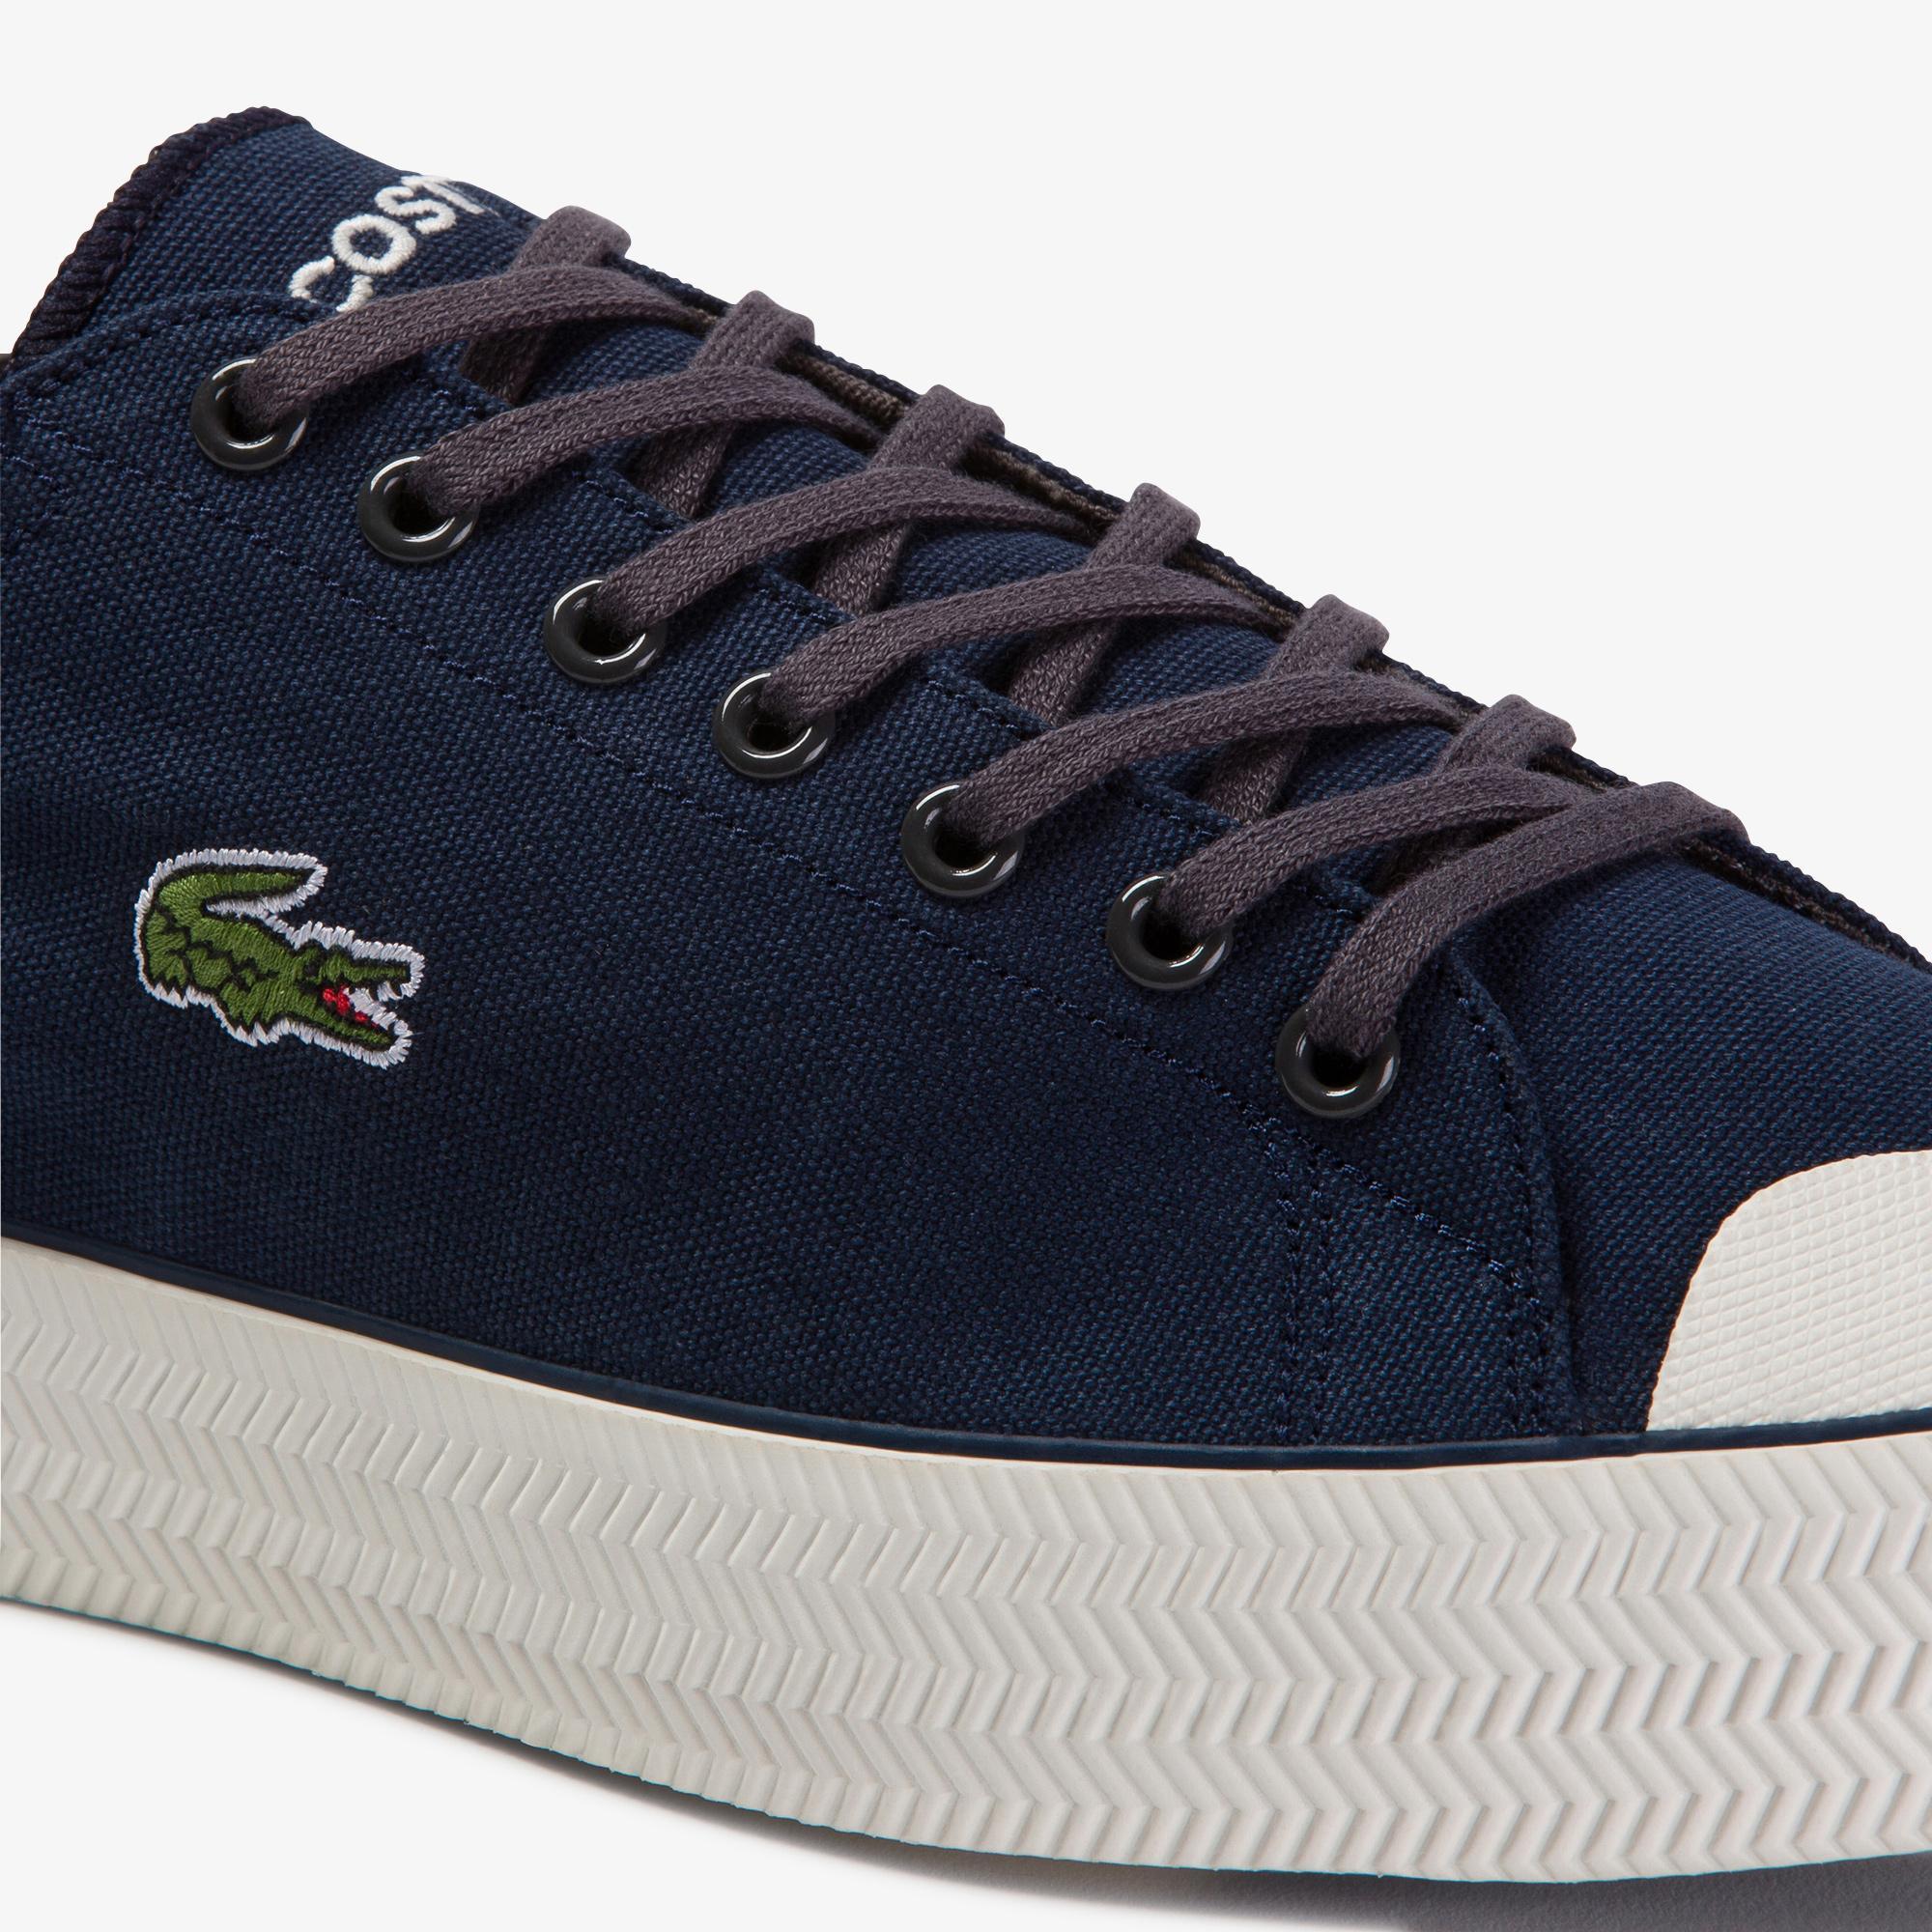 Lacoste Gripshot 220 1 Cma Erkek Lacivert Ayakkabı